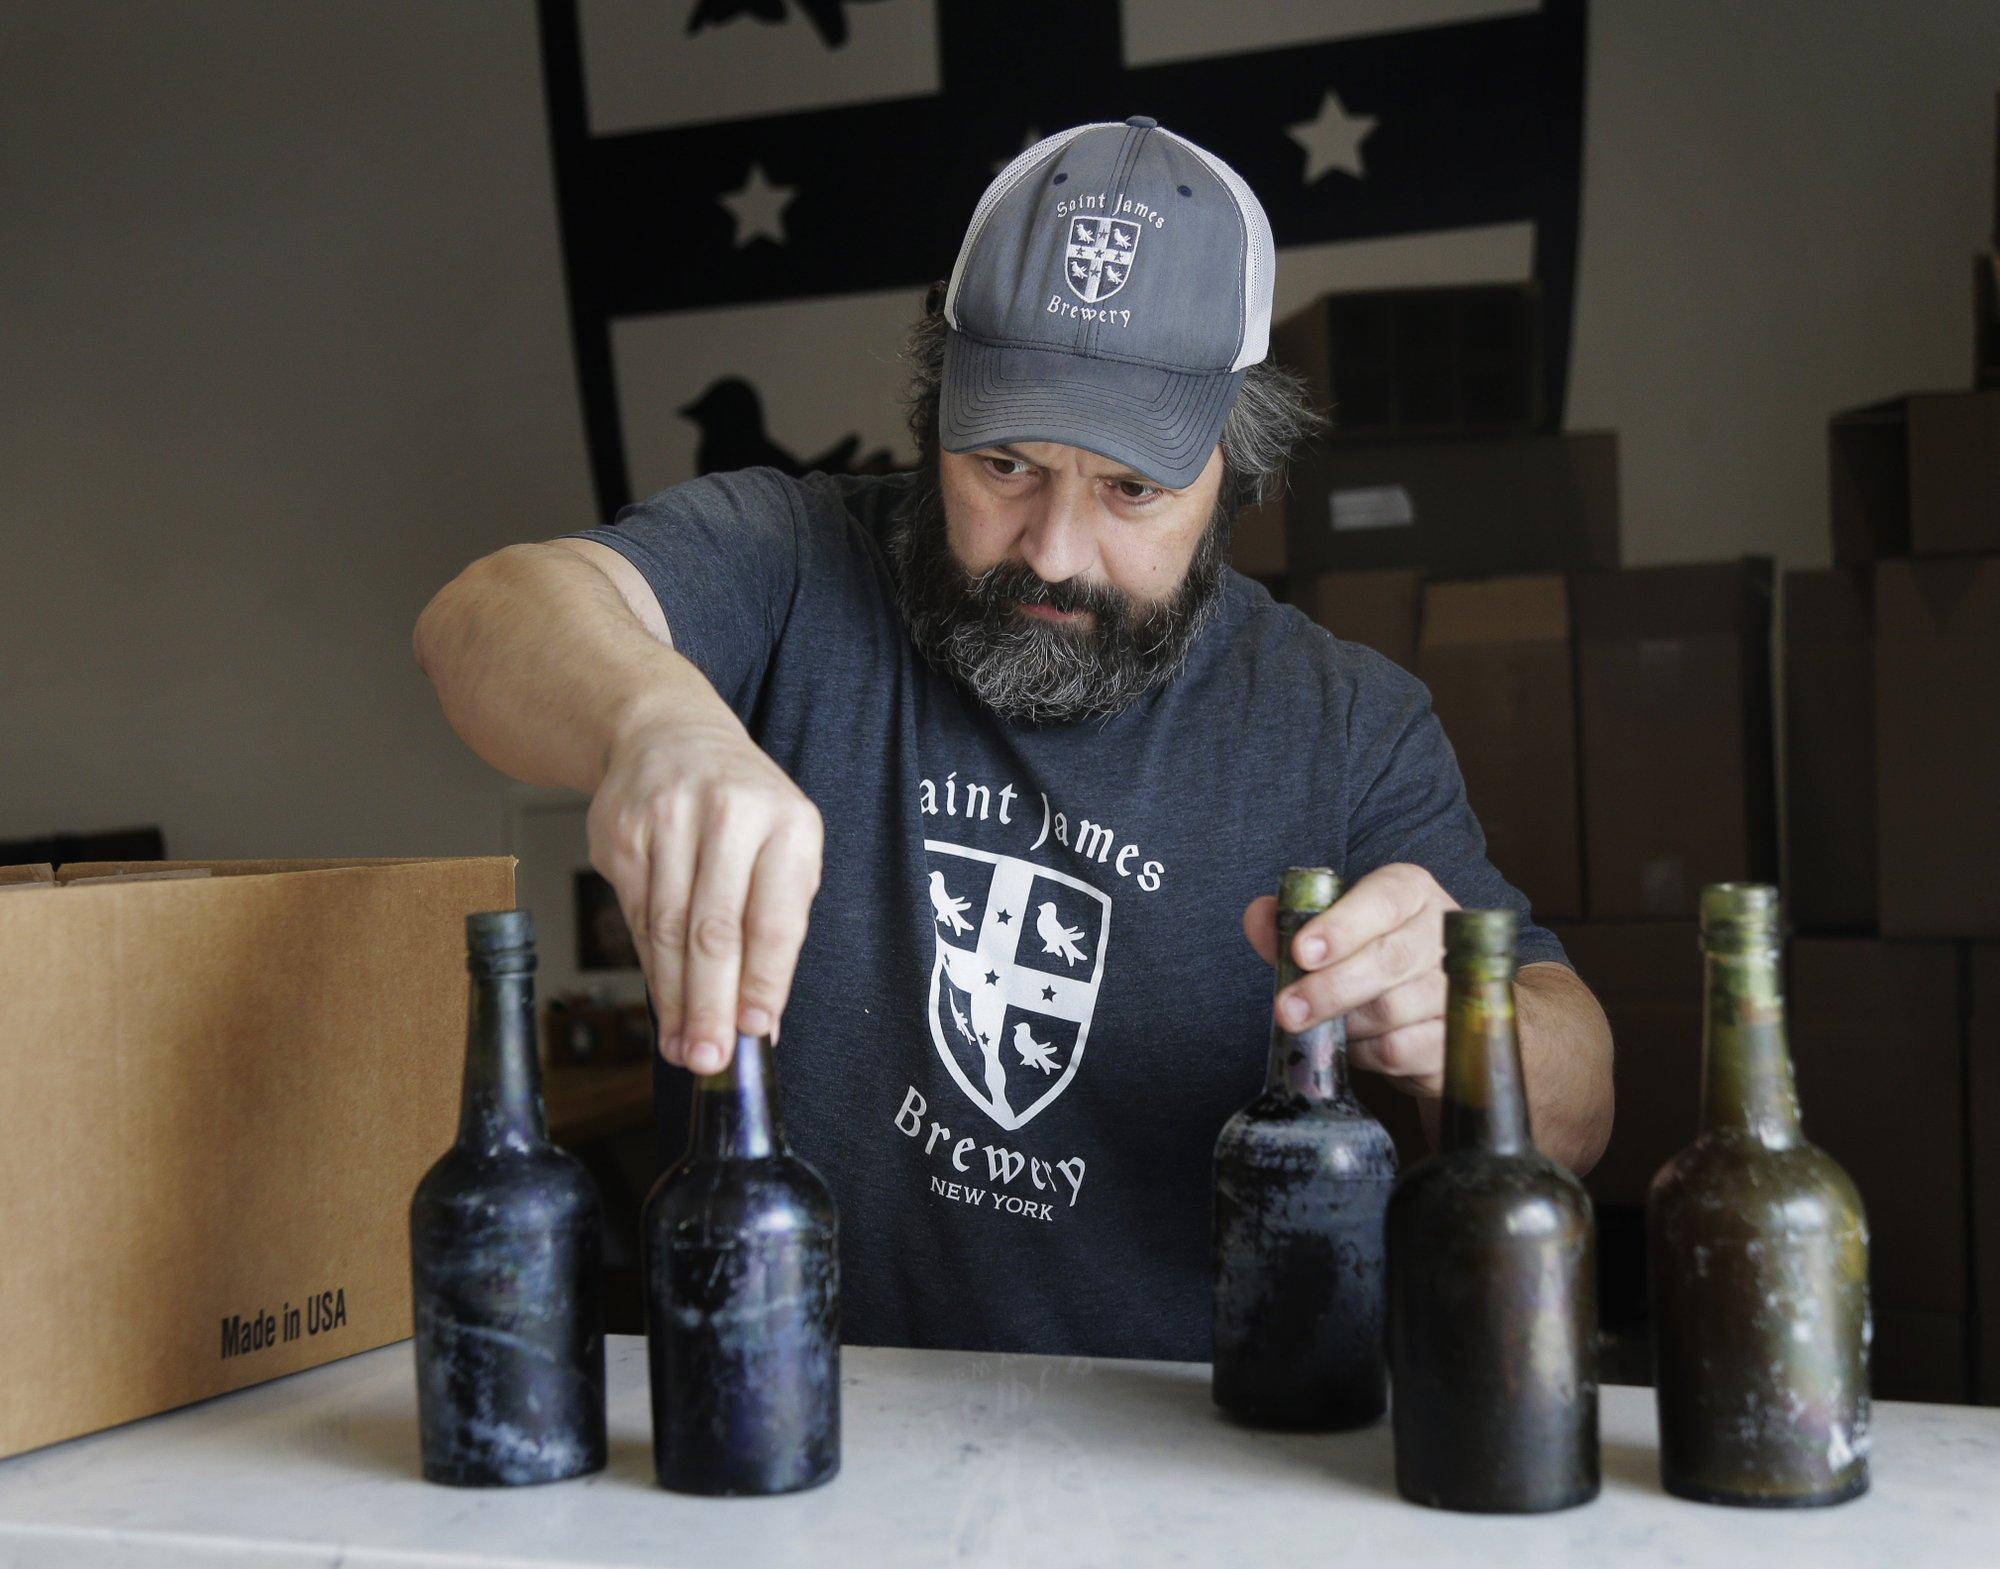 Američan vaří pivo z kvasnic, které našel ve vraku na dně Atlantiku